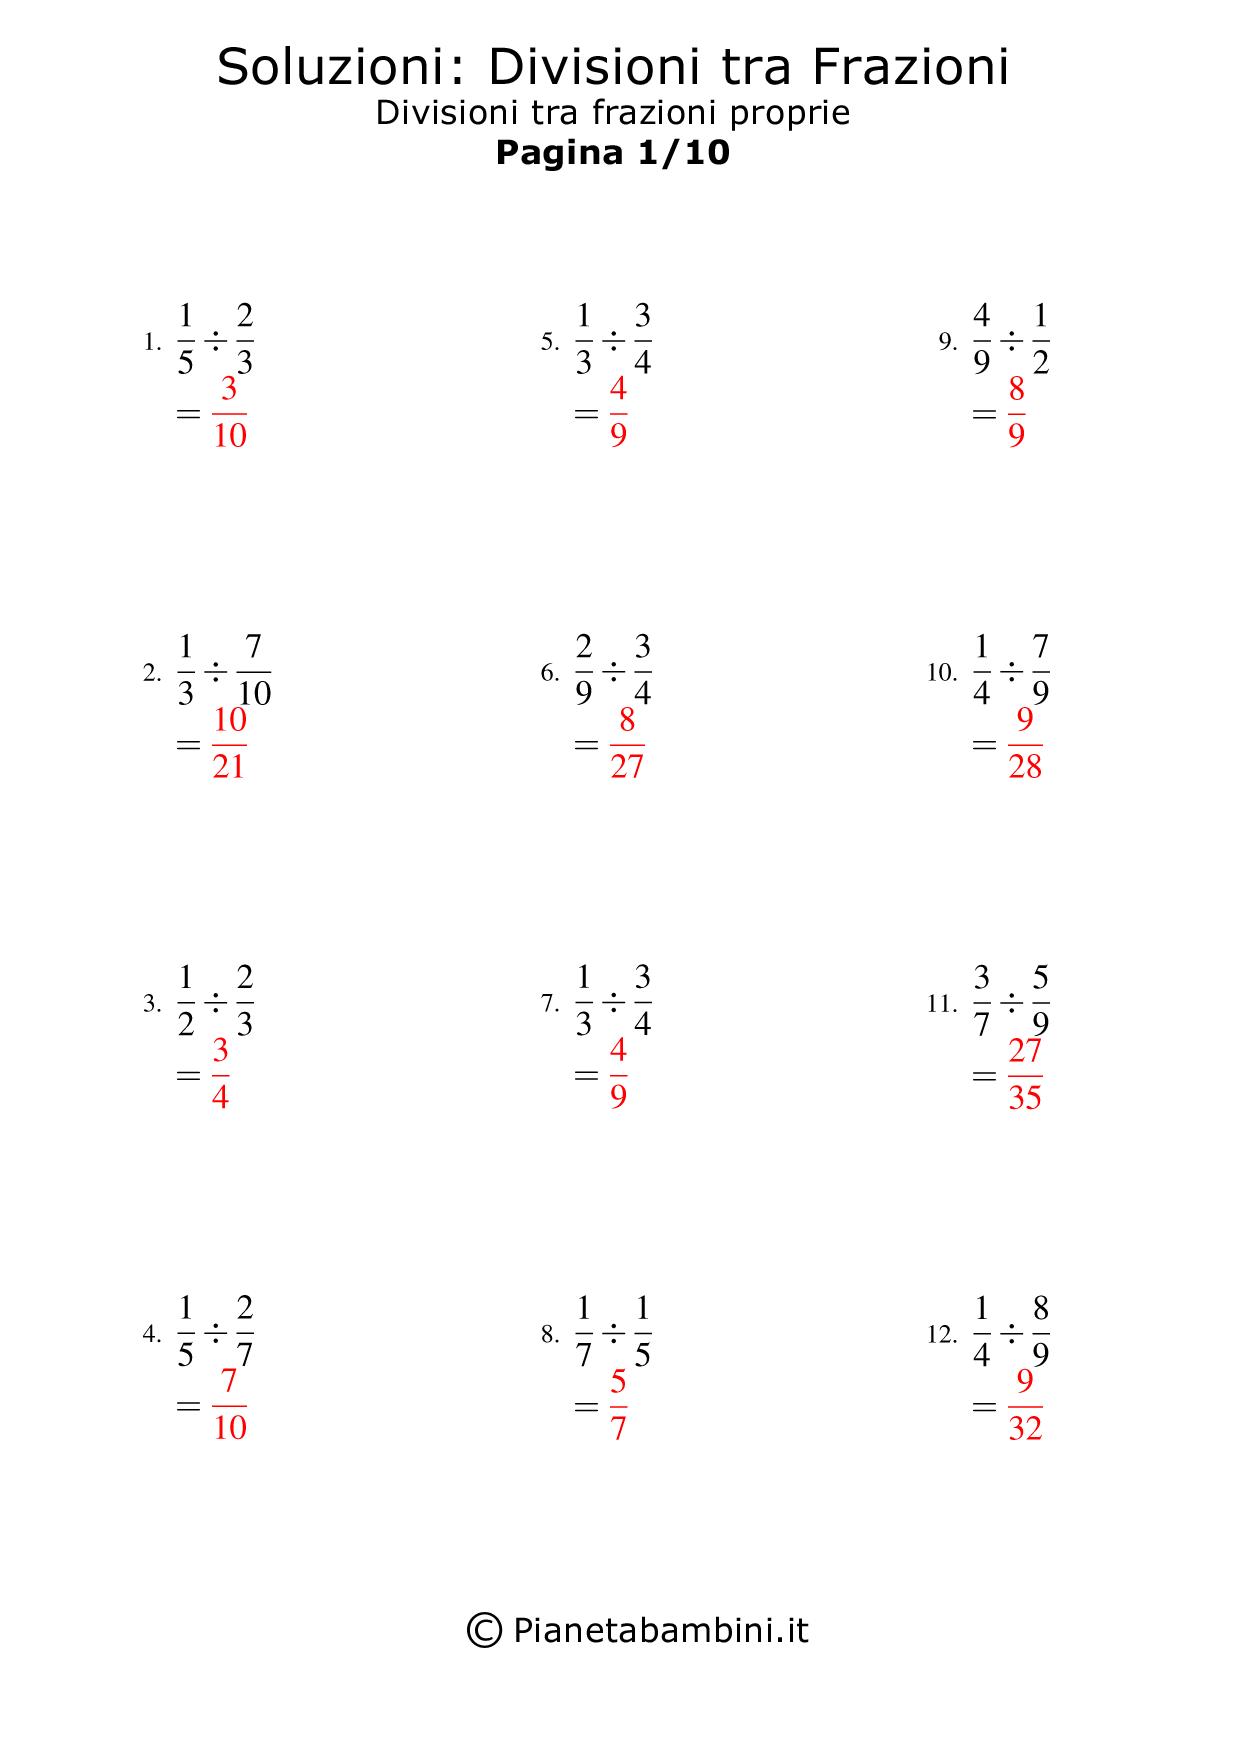 Soluzioni-Divisioni-Frazioni-Proprie_01